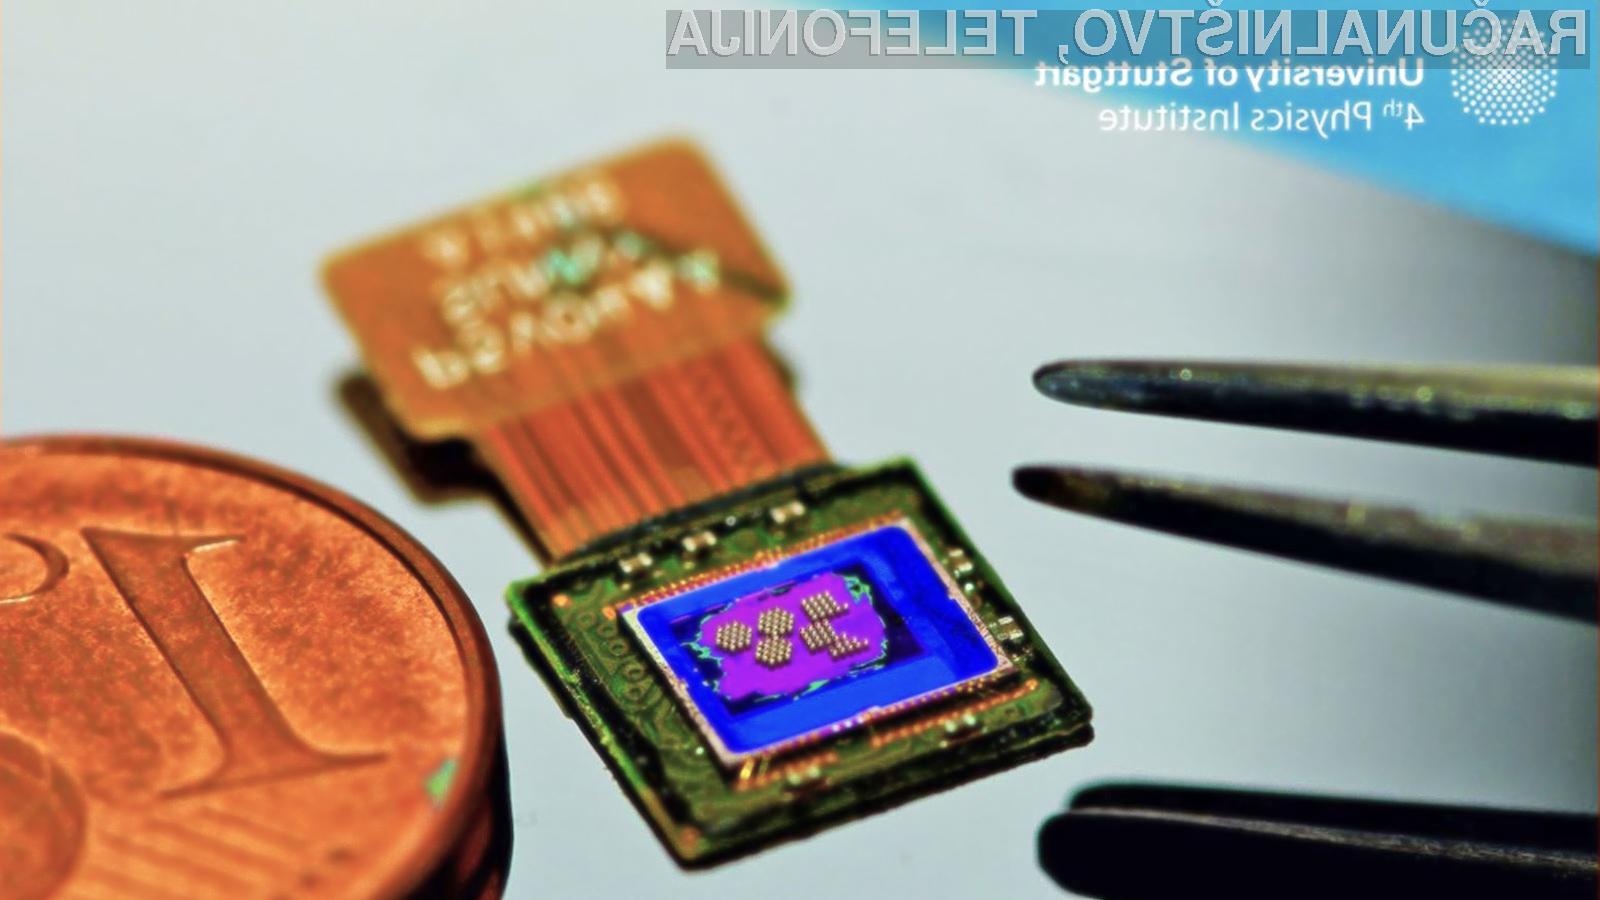 Miniaturna kamera v dolžino meri zgolj 100 mikrometrov.